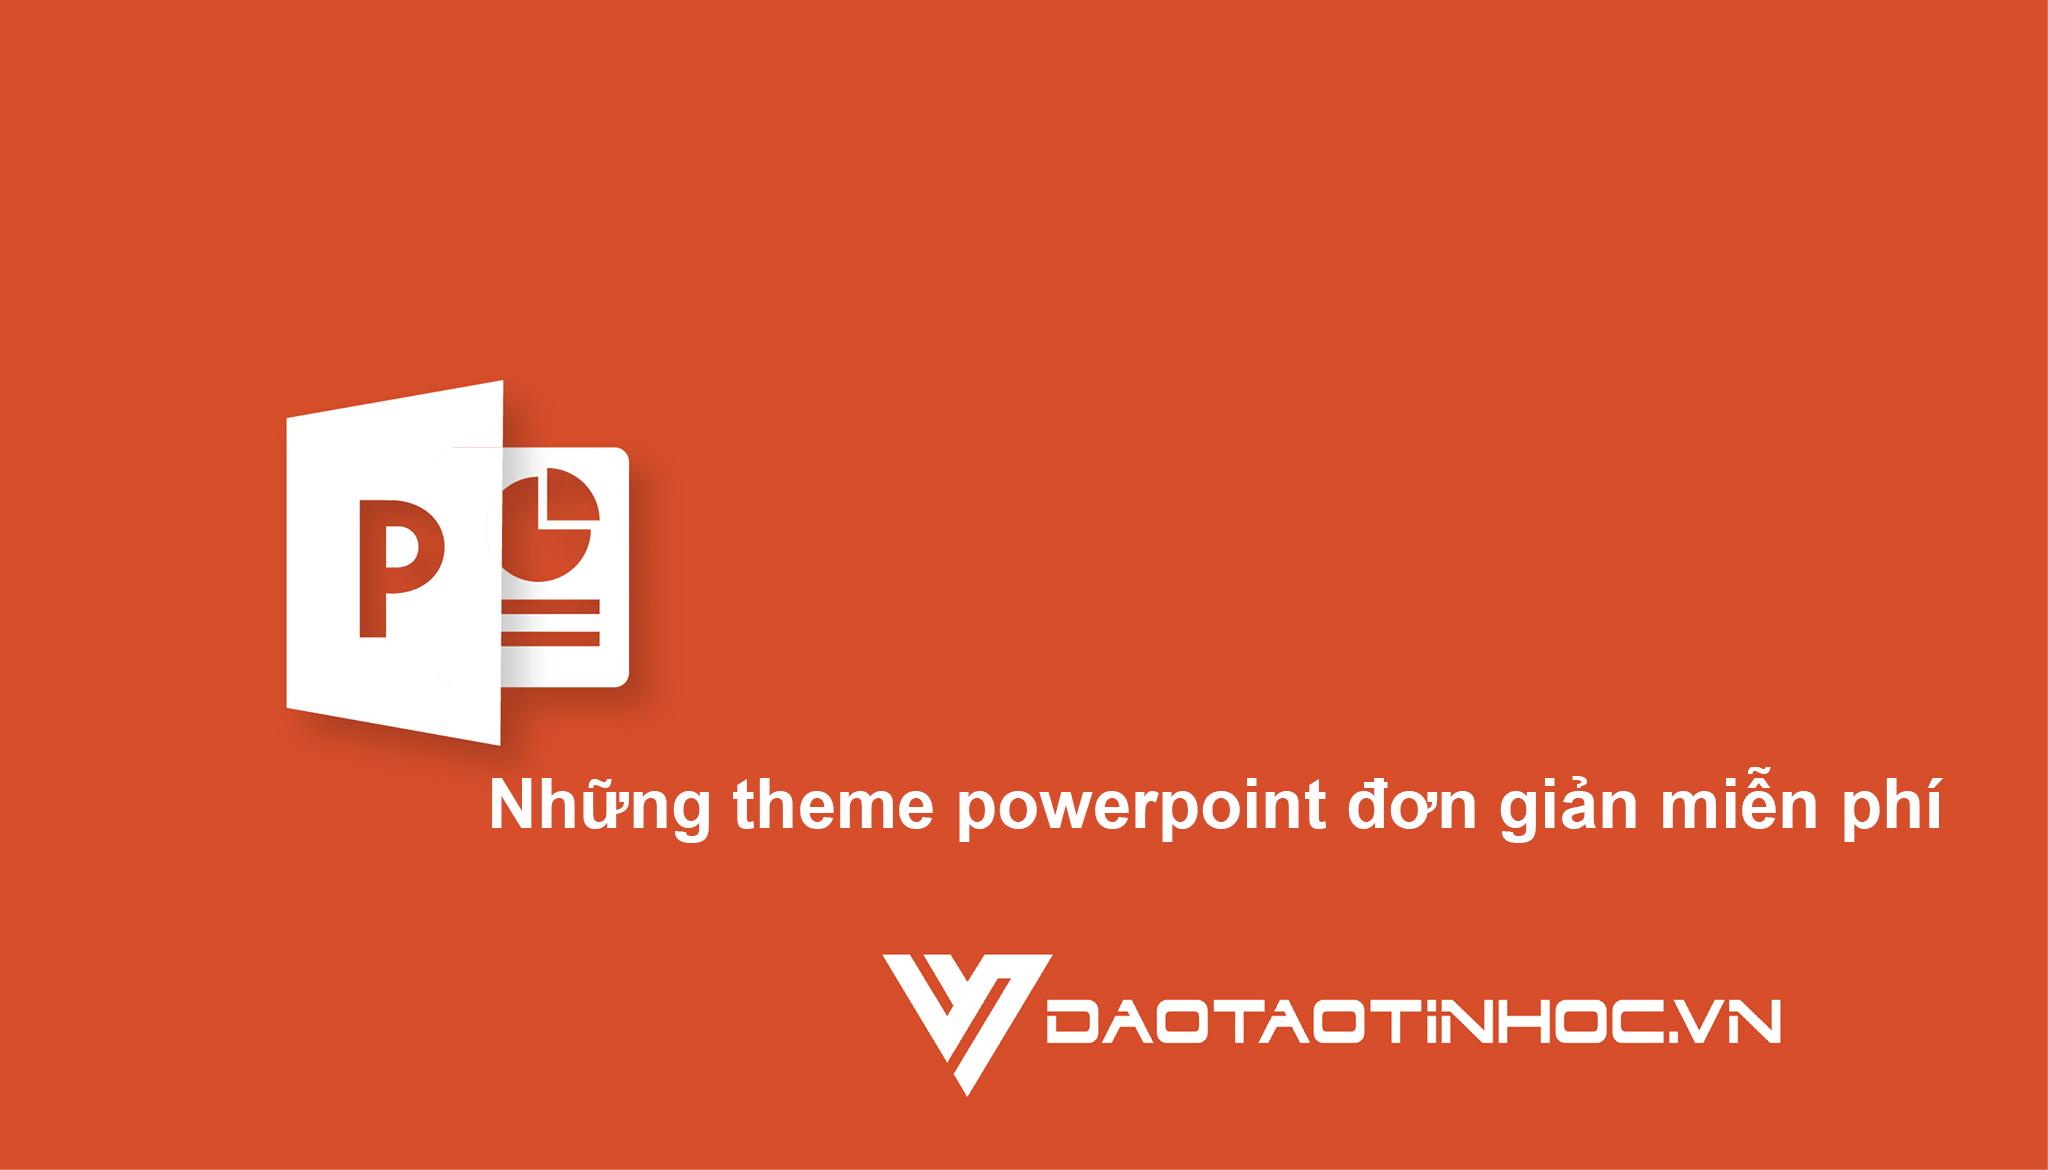 Những theme powerpoint đơn giản miễn phí